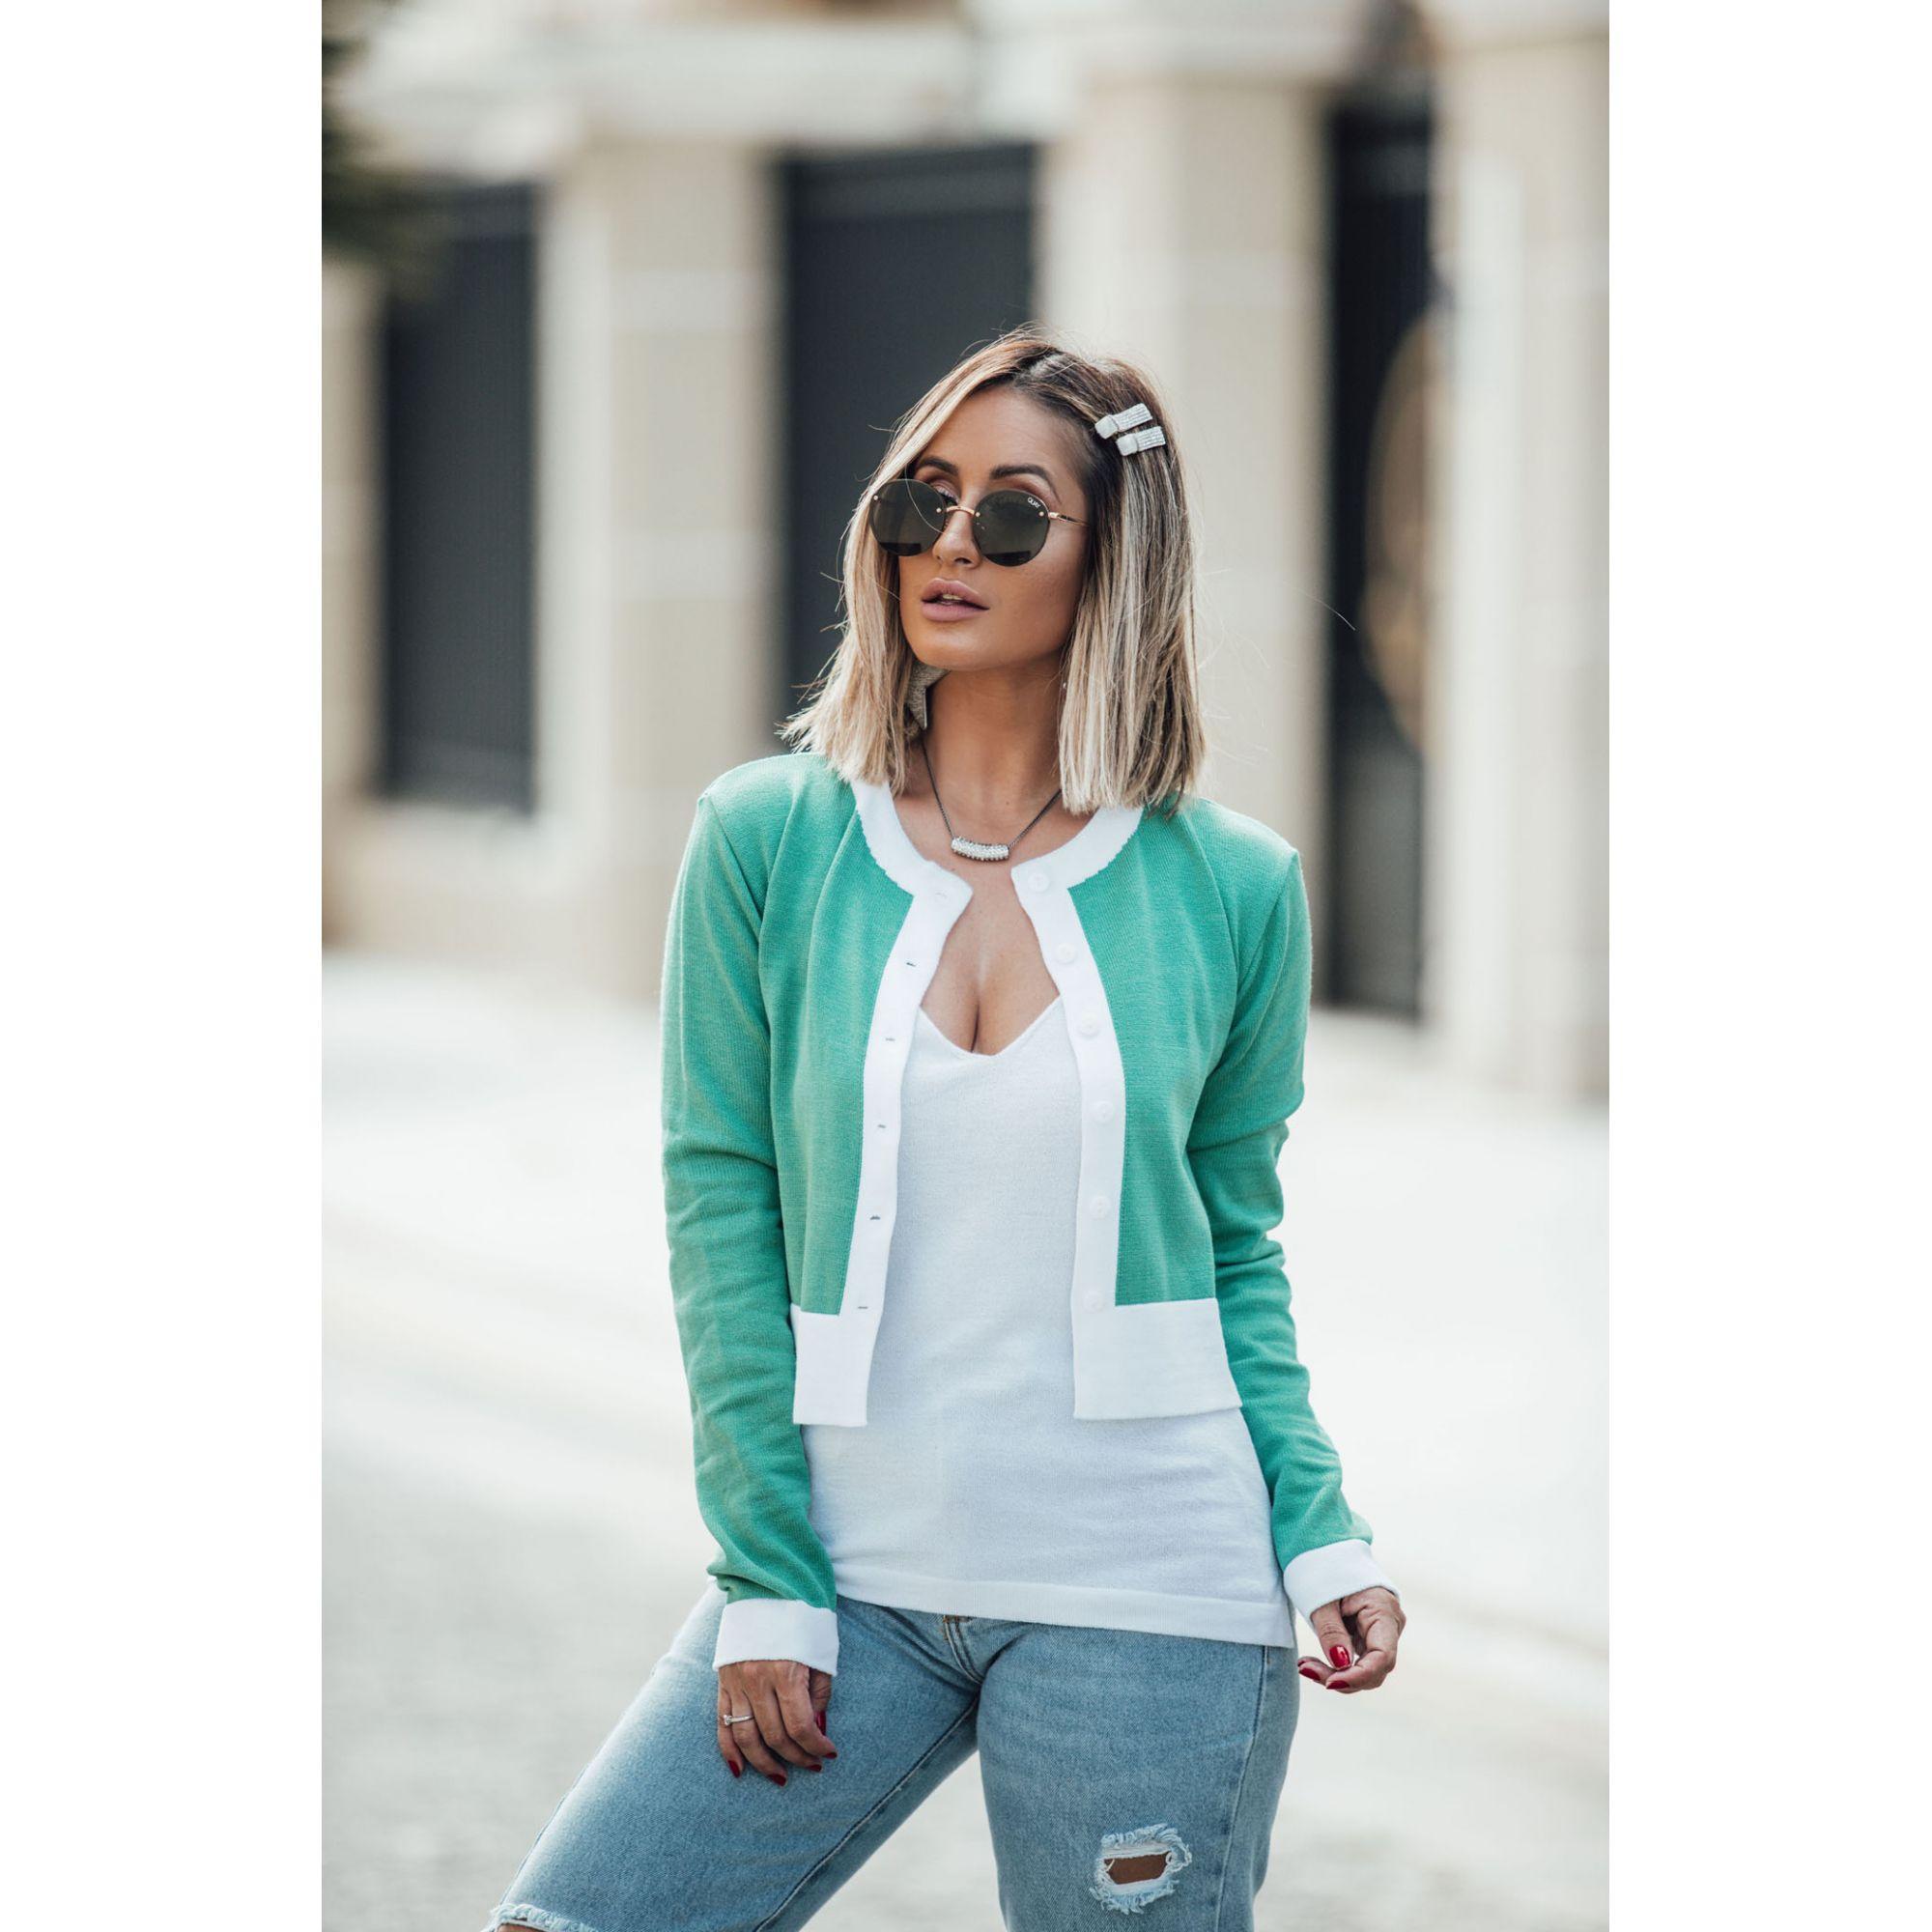 Casaco Curto Vera Tricot Manga Longa Feminino Verde / Branco